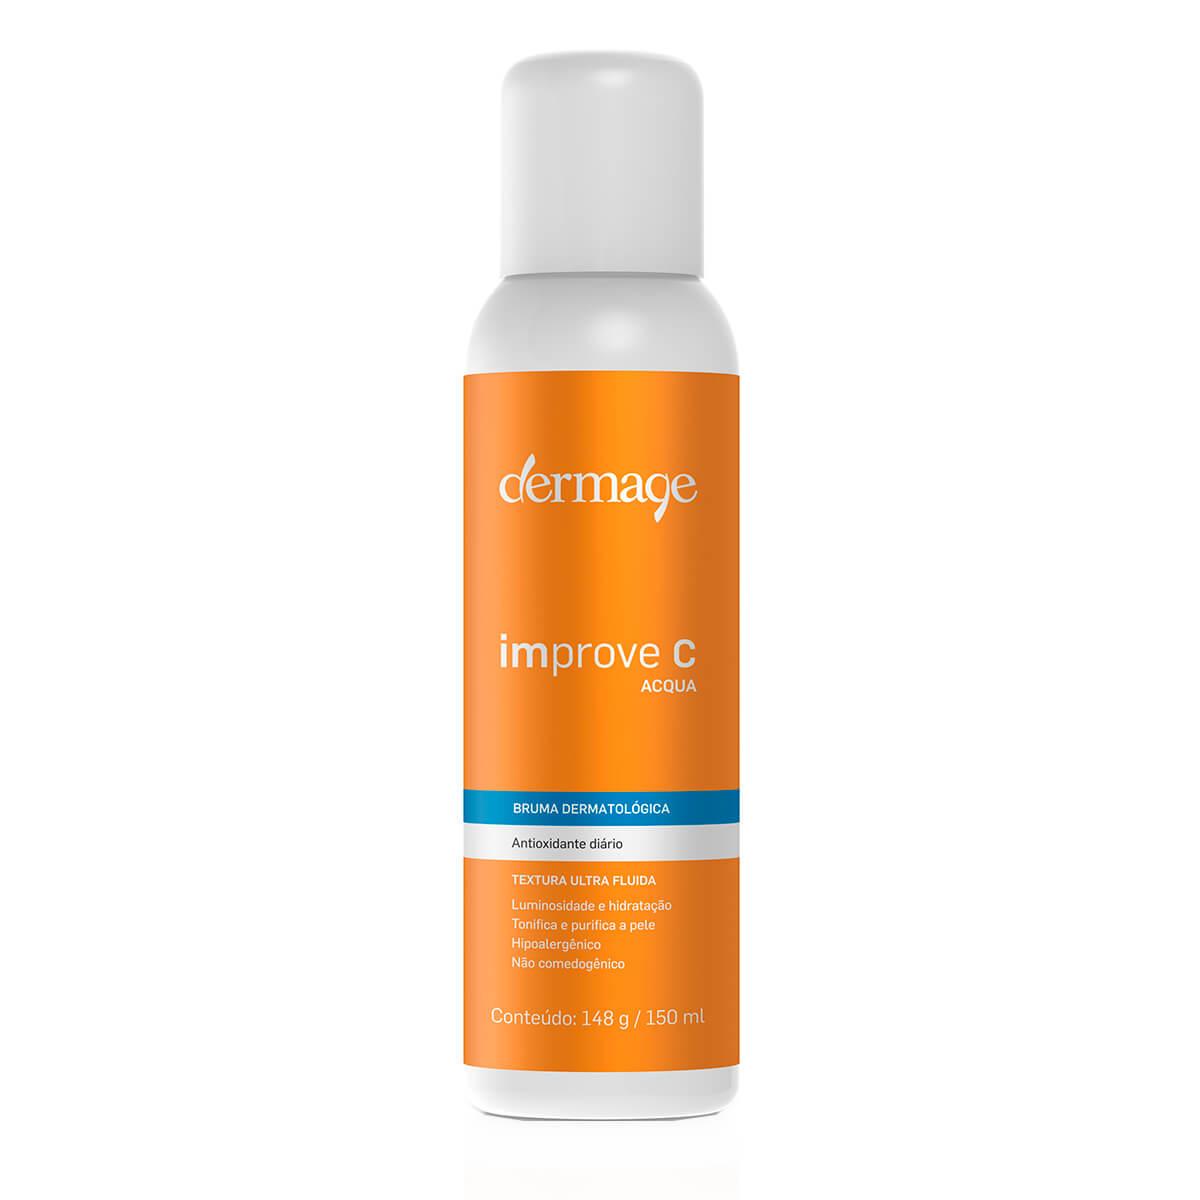 Dermage Improve C Acqua Bruma com 150ml 150ml